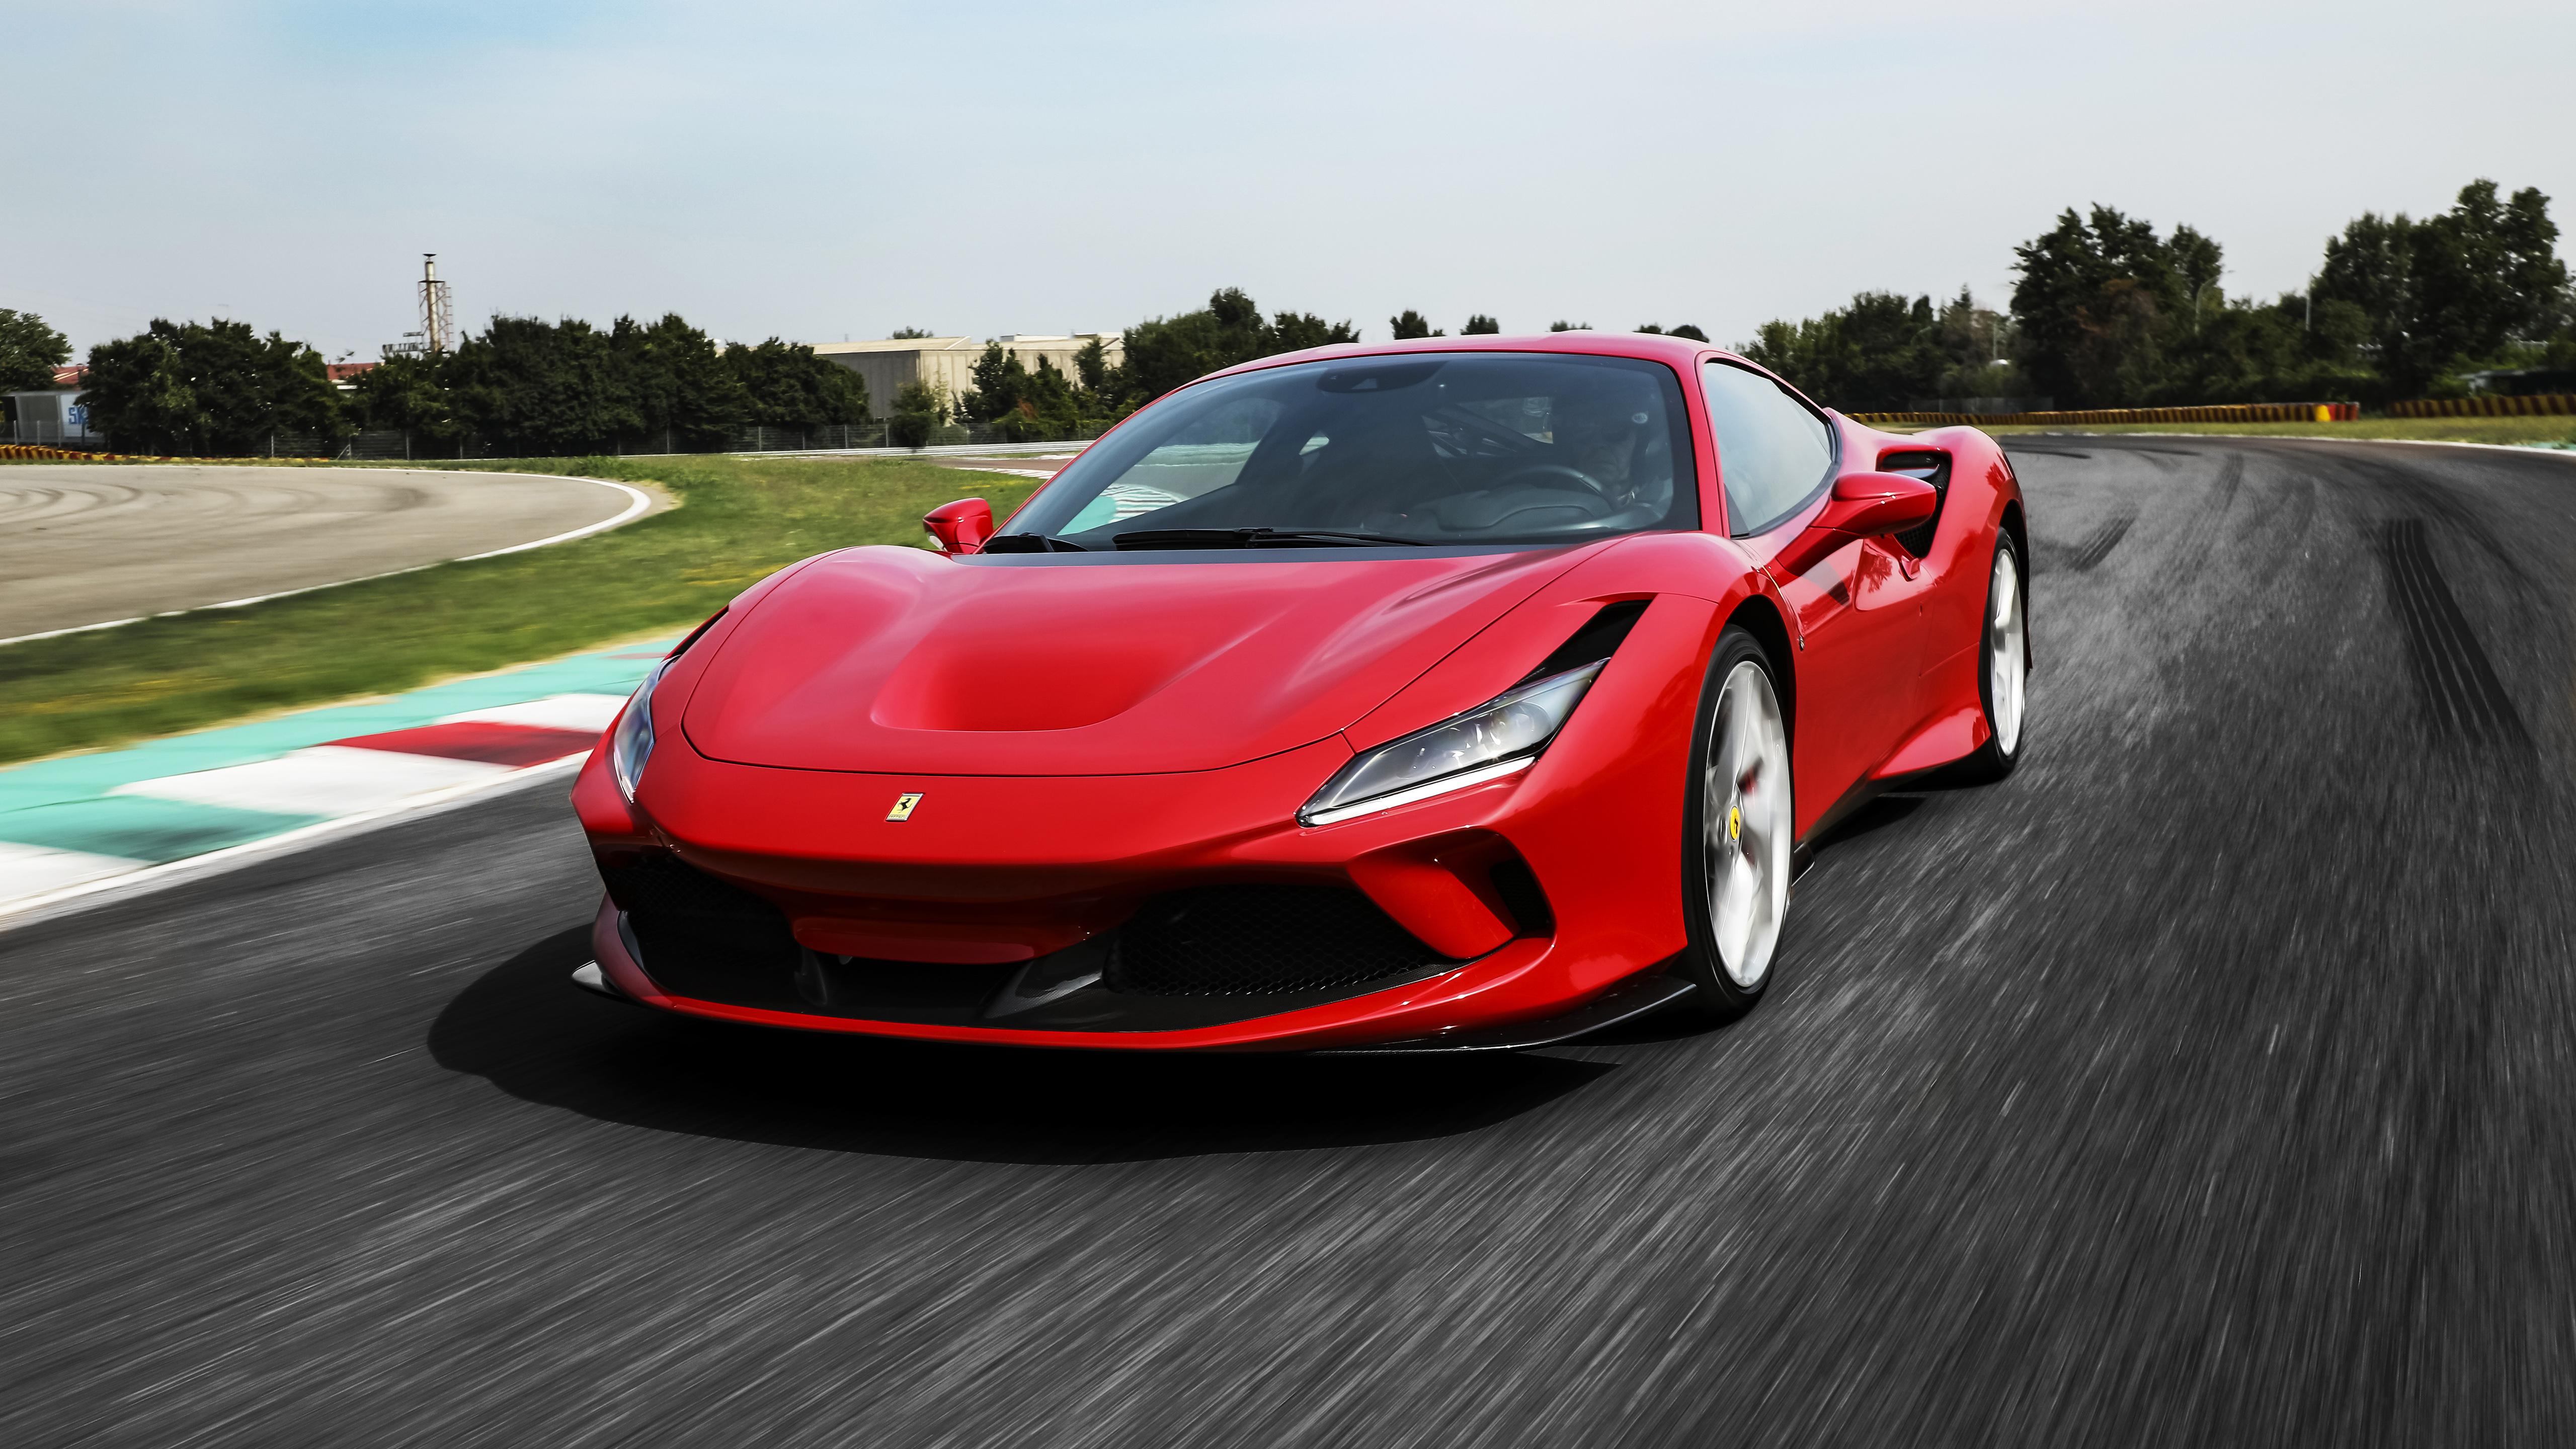 Ferrari F8 Tributo 2019 4k Wallpaper Hd Car Wallpapers Id 13246 Ferrari f8 spider 2019 4k 3 wallpaper